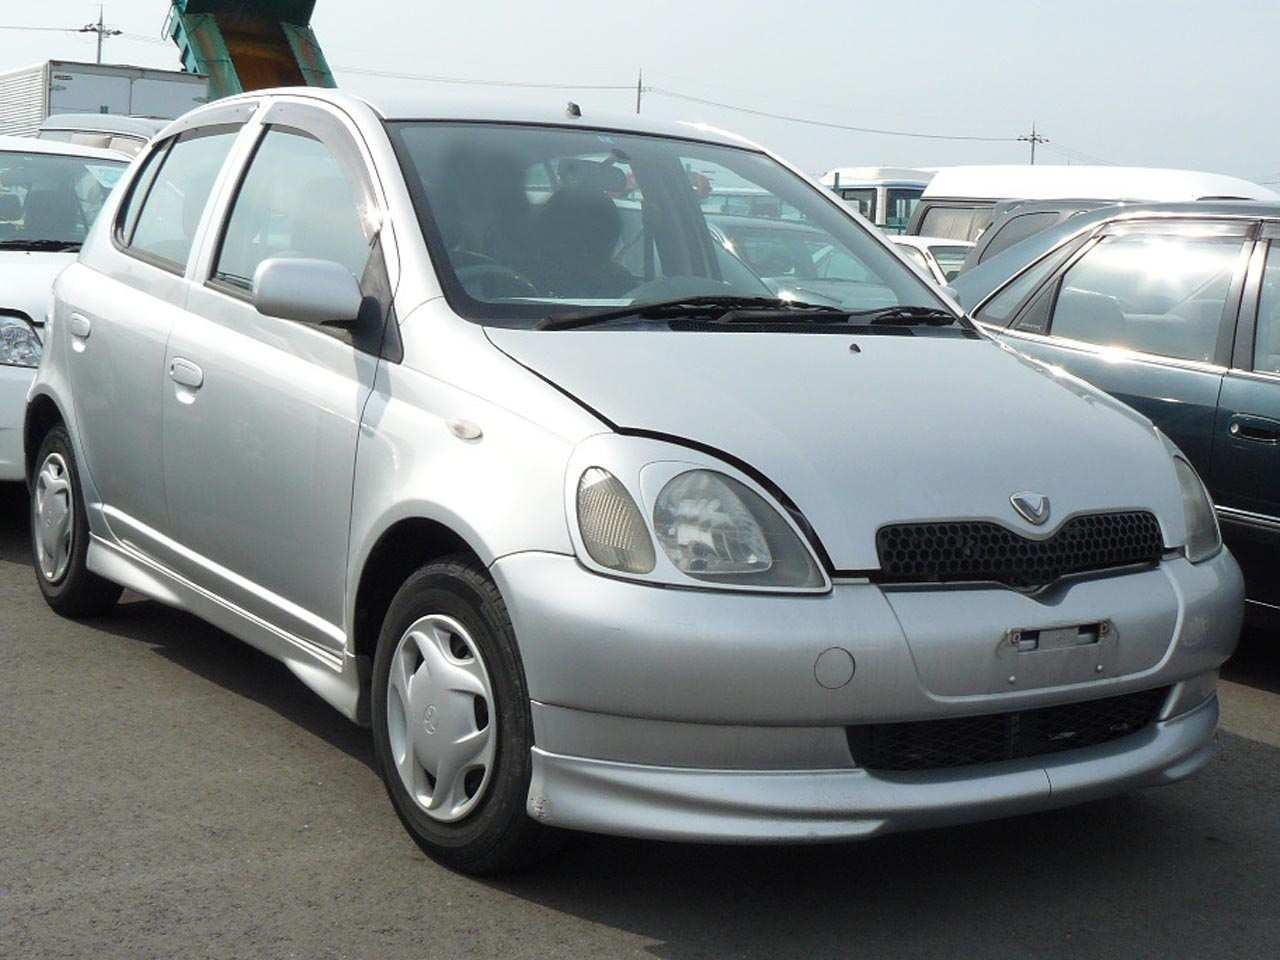 2010 Toyota VITZ specs, Engine size 1.0, Fuel type ...